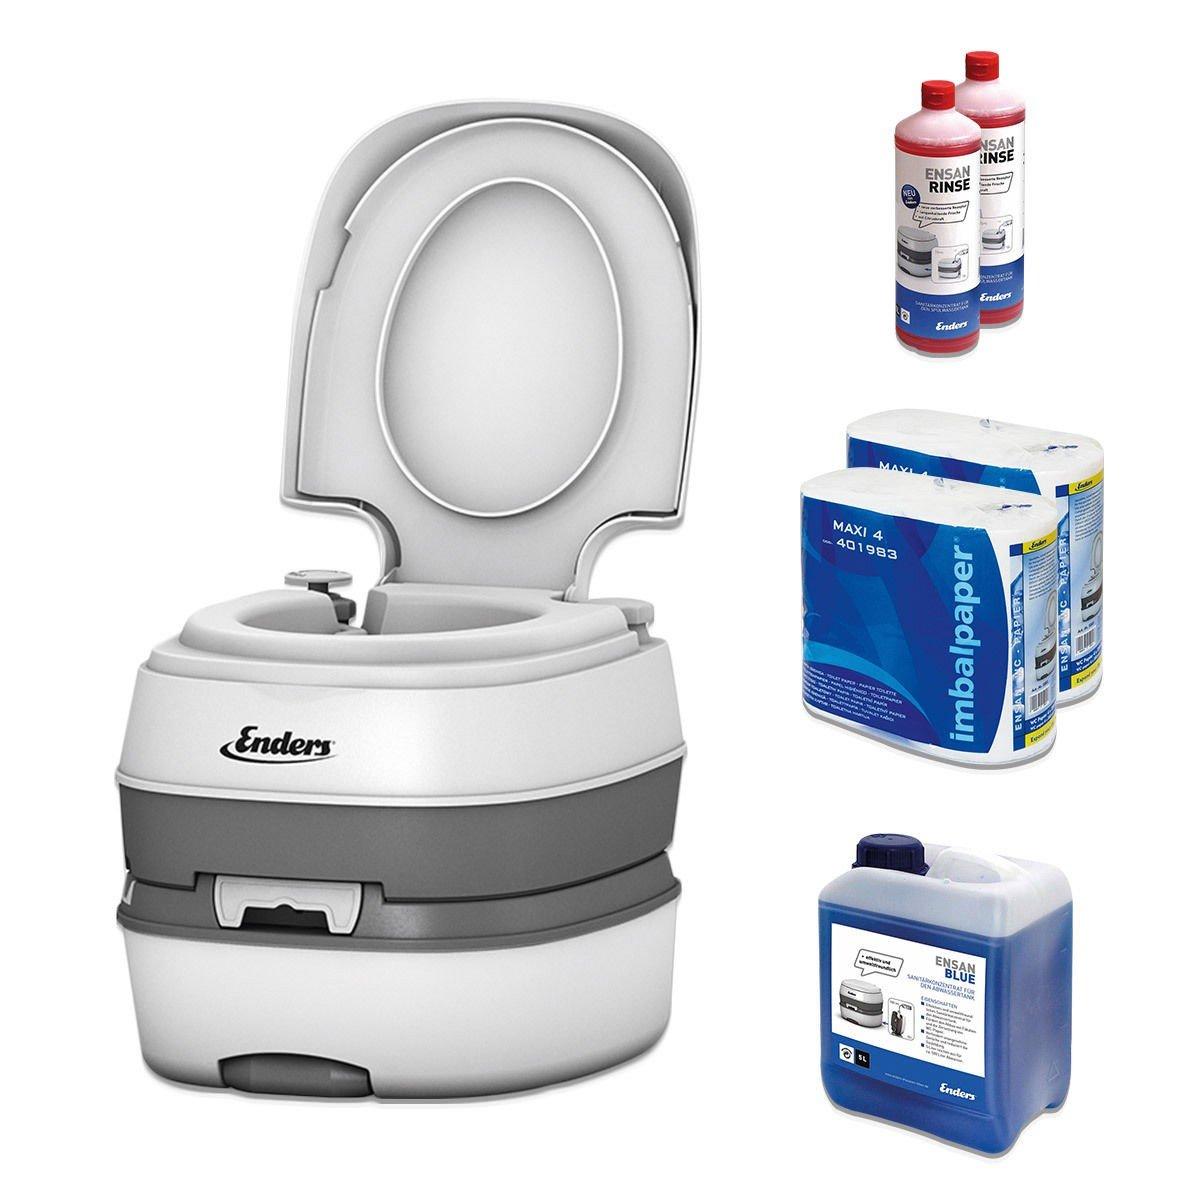 Campingtoilette Starter-Set Blau 5,0 Enders Deluxe [ 4994 ]: inkl. Sanitärflüssigkeit und WC Papier - mobile Chemietoilette Campingklo Camping-Toilette